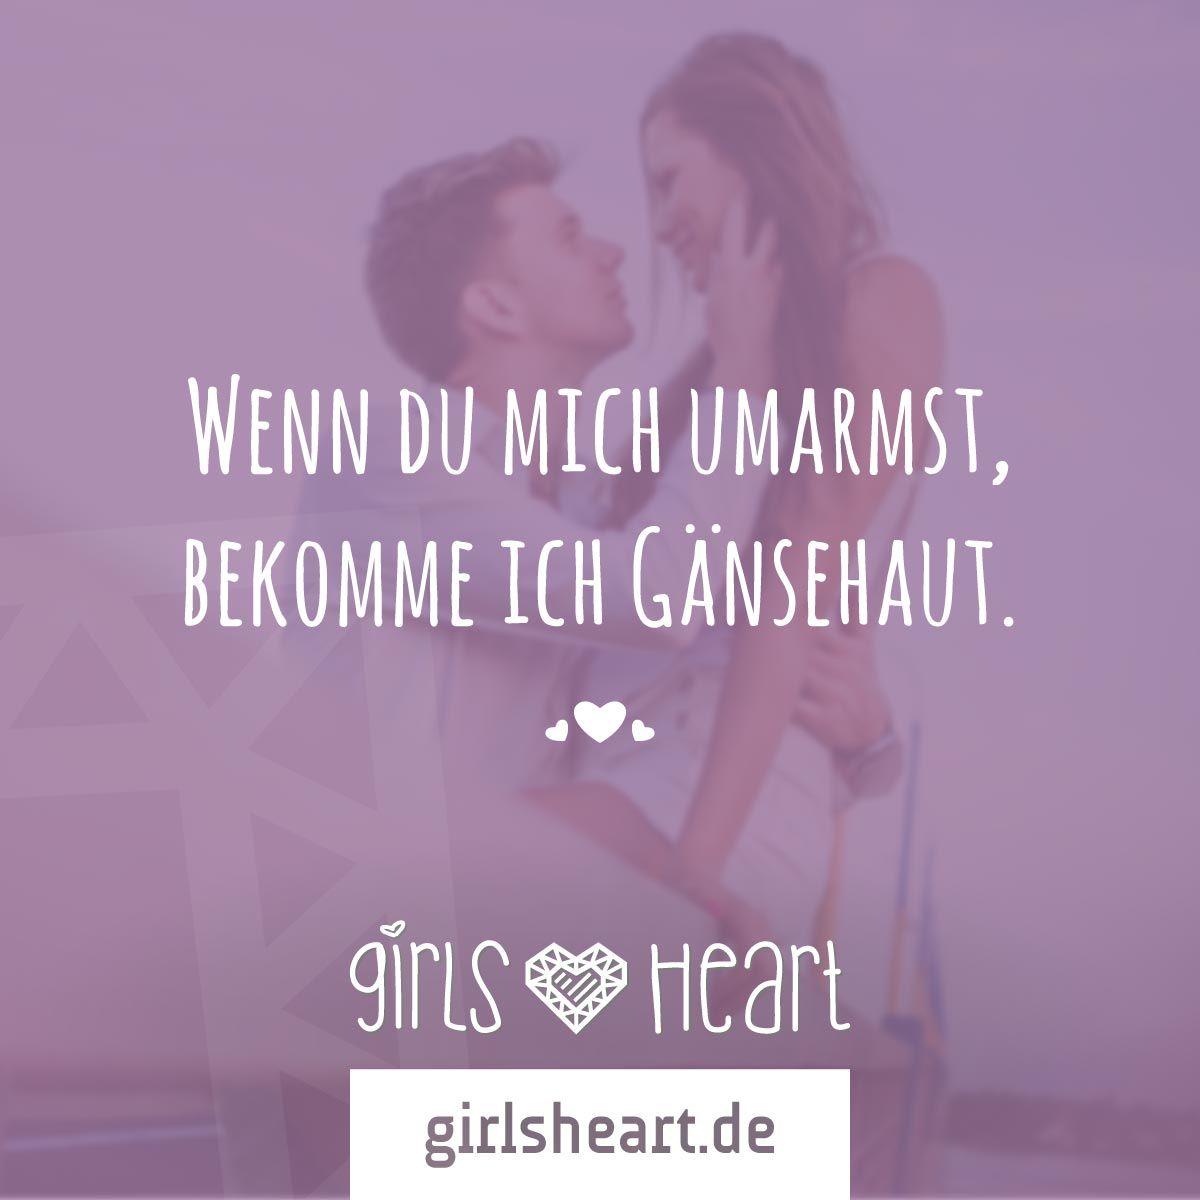 Mehr Sprüche auf: www.girlsheart.de  #liebe #umarmung #hug #zärtlichkeit #nähe #verliebt #schmetterlingeimbauch #love #zuneigung